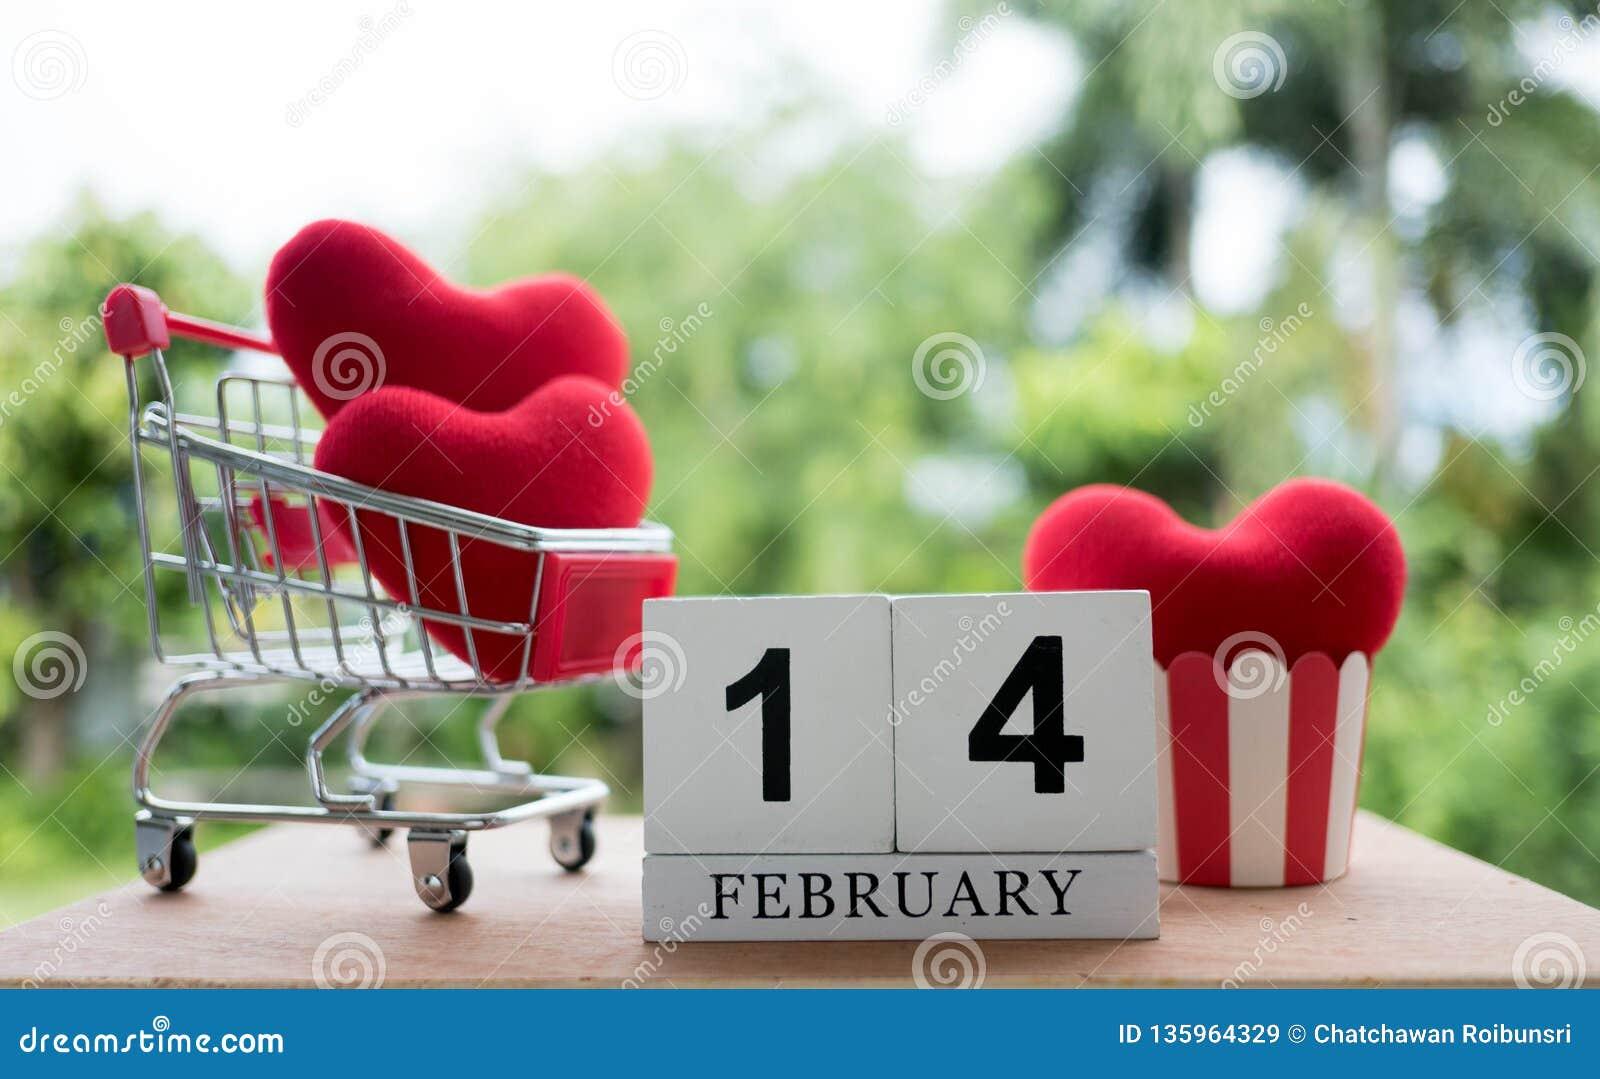 Κόκκινη καρδιά σε ένα κάρρο αγορών στις 14 Φεβρουαρίου διάνυσμα βαλεντίνων αγάπης απεικόνισης ημέρας ζευγών